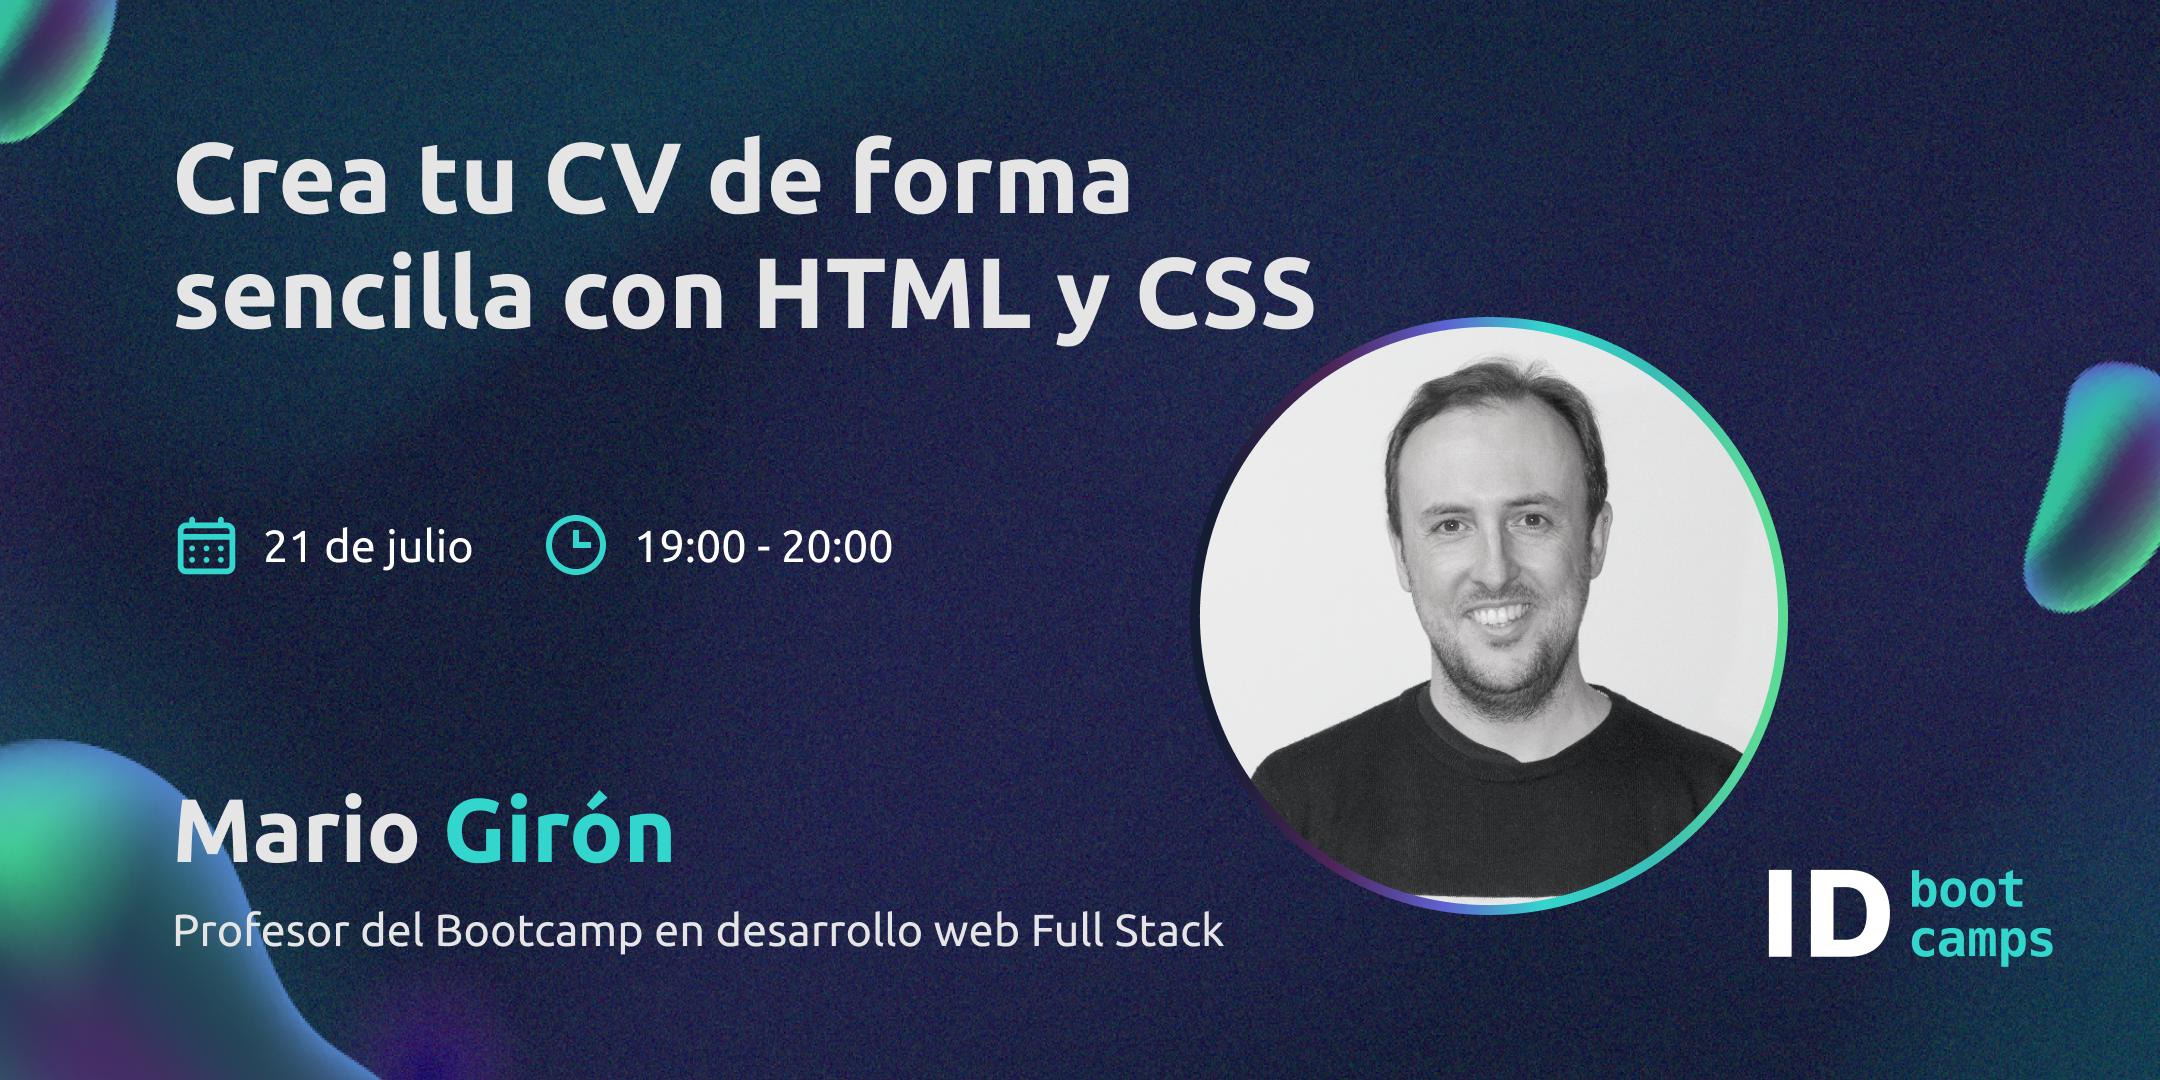 Masterclass. Crea tu CV de forma sencilla con HTML y CSS - ID Bootcamps